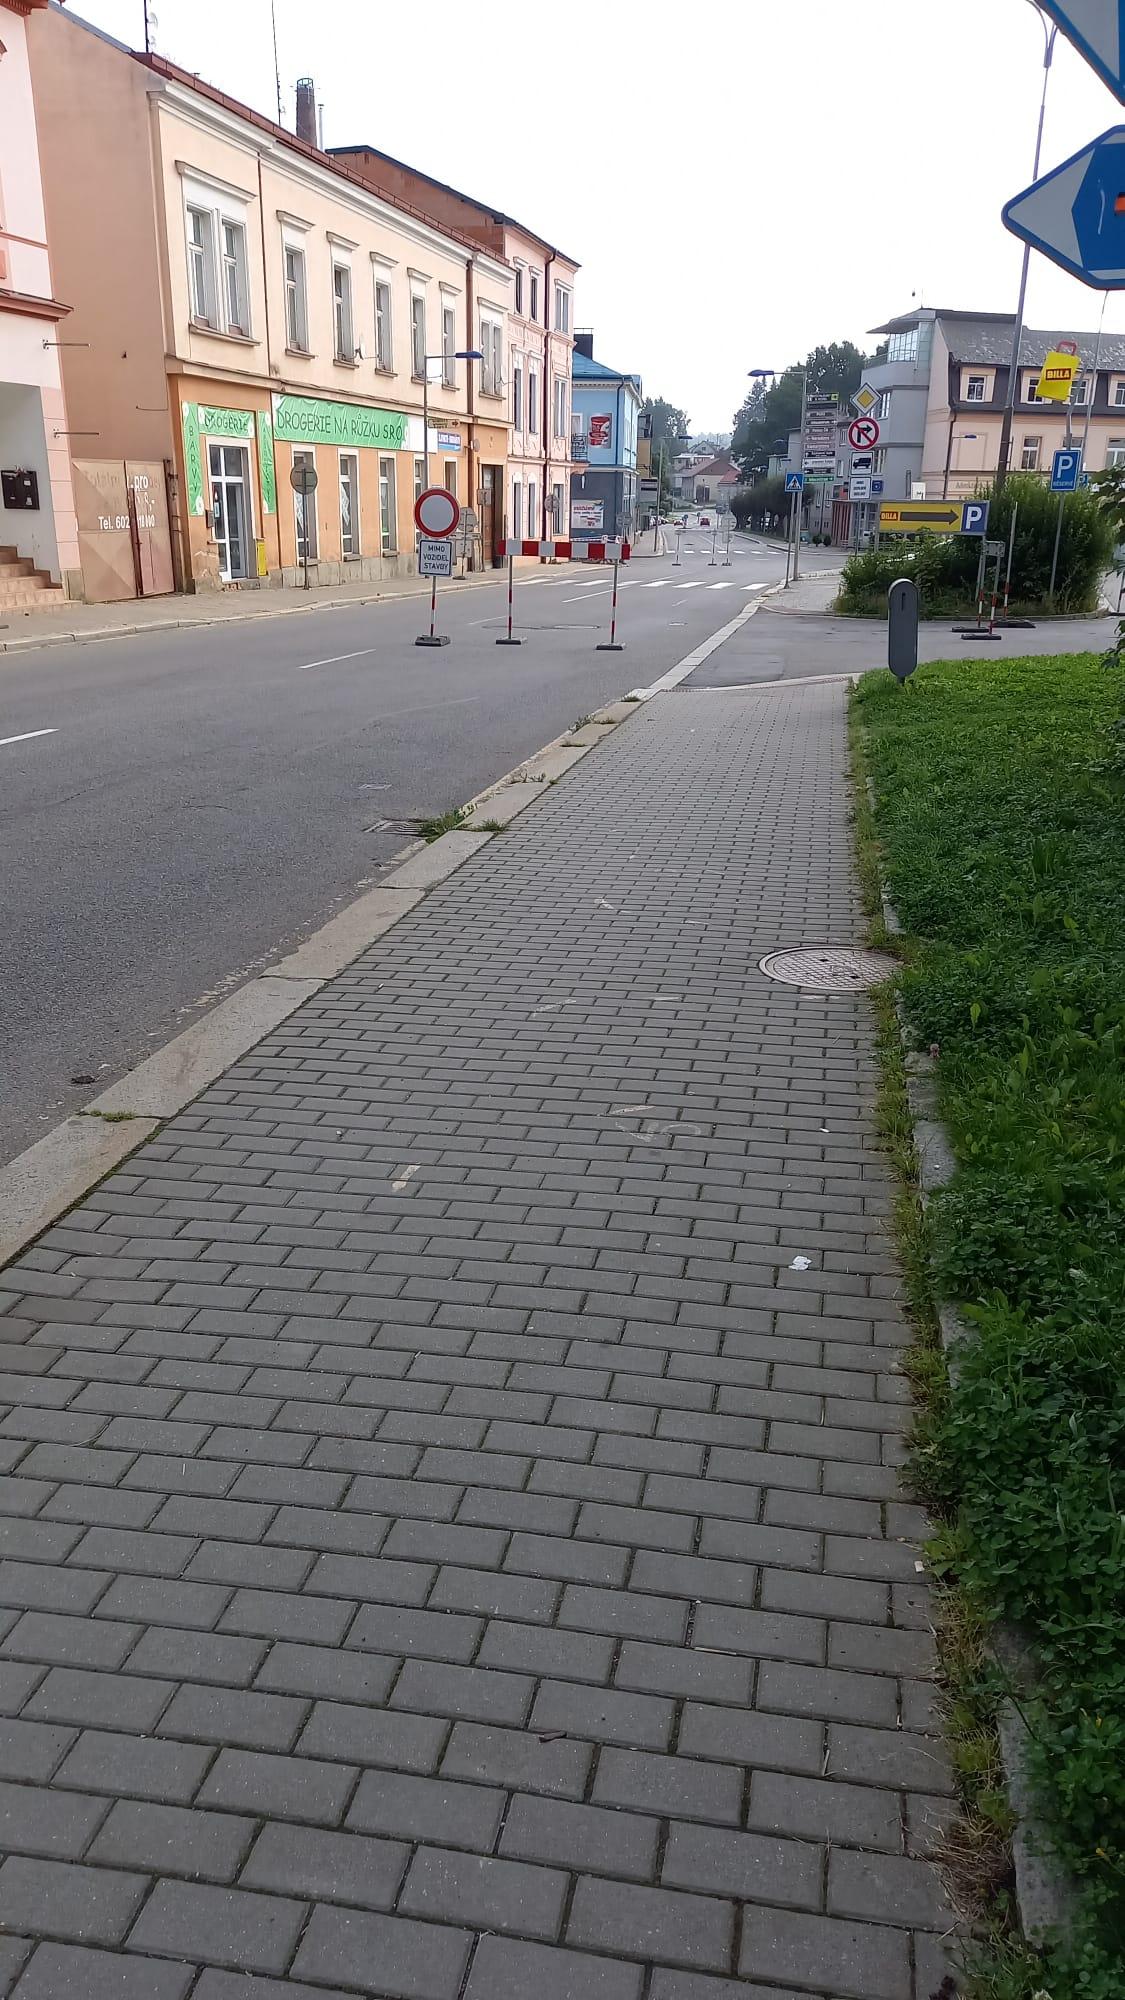 Úplná uzavírka provozu v úseku ulice Na Kasárnách